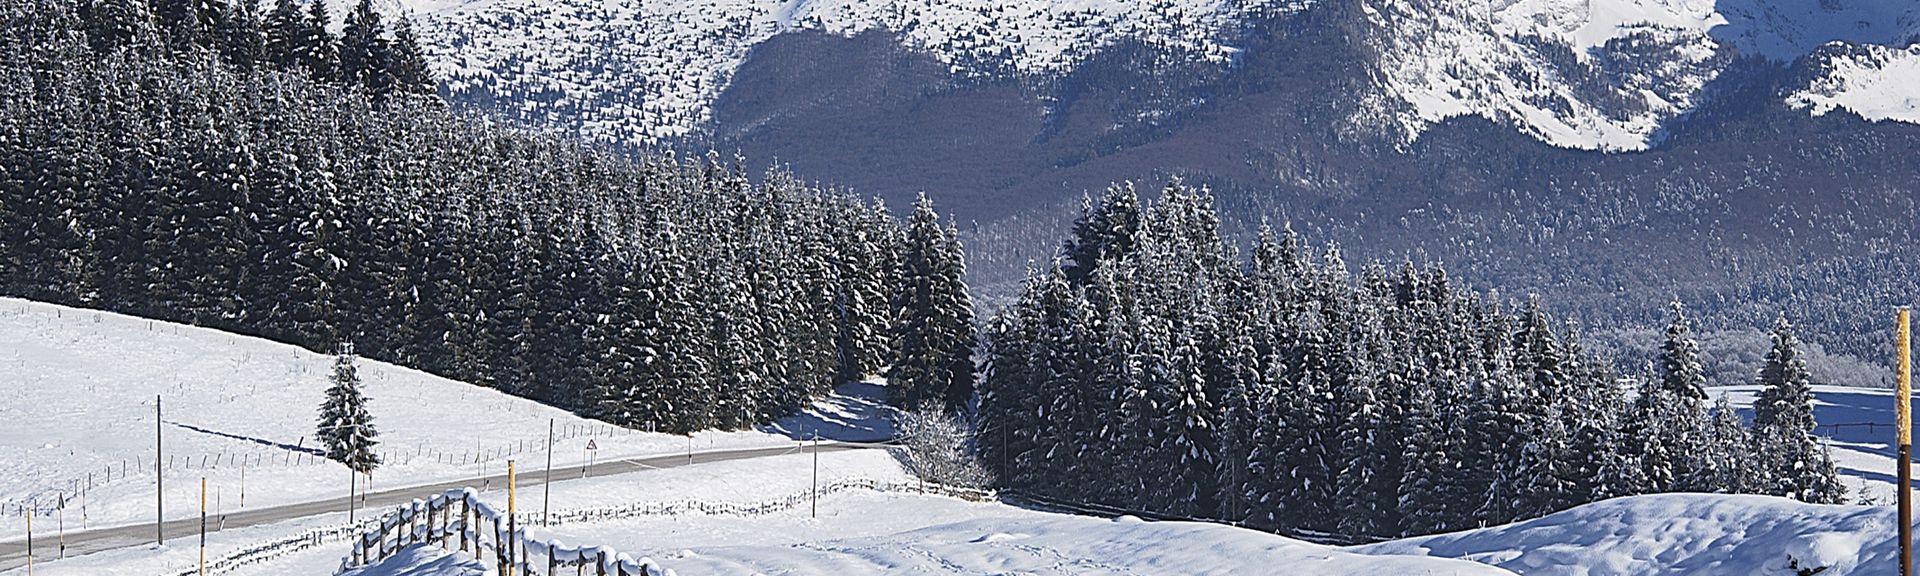 Pordenonen maakunta, Friuli-Venezia Giulia, Italia